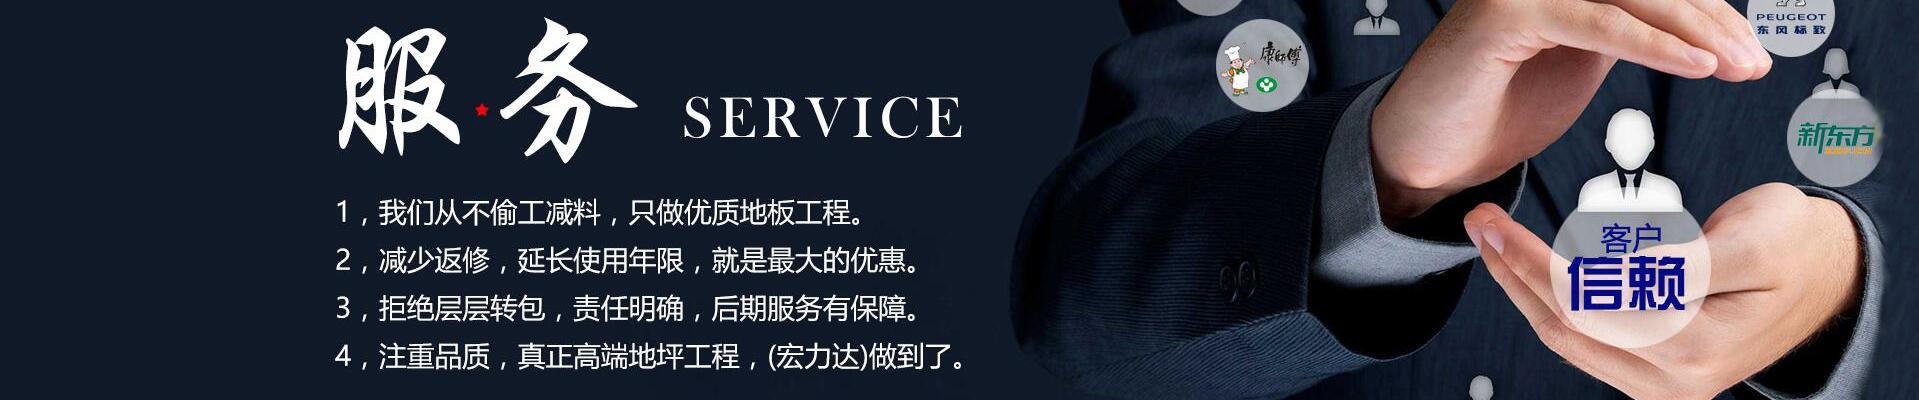 海南宏力达装饰工程有限公司